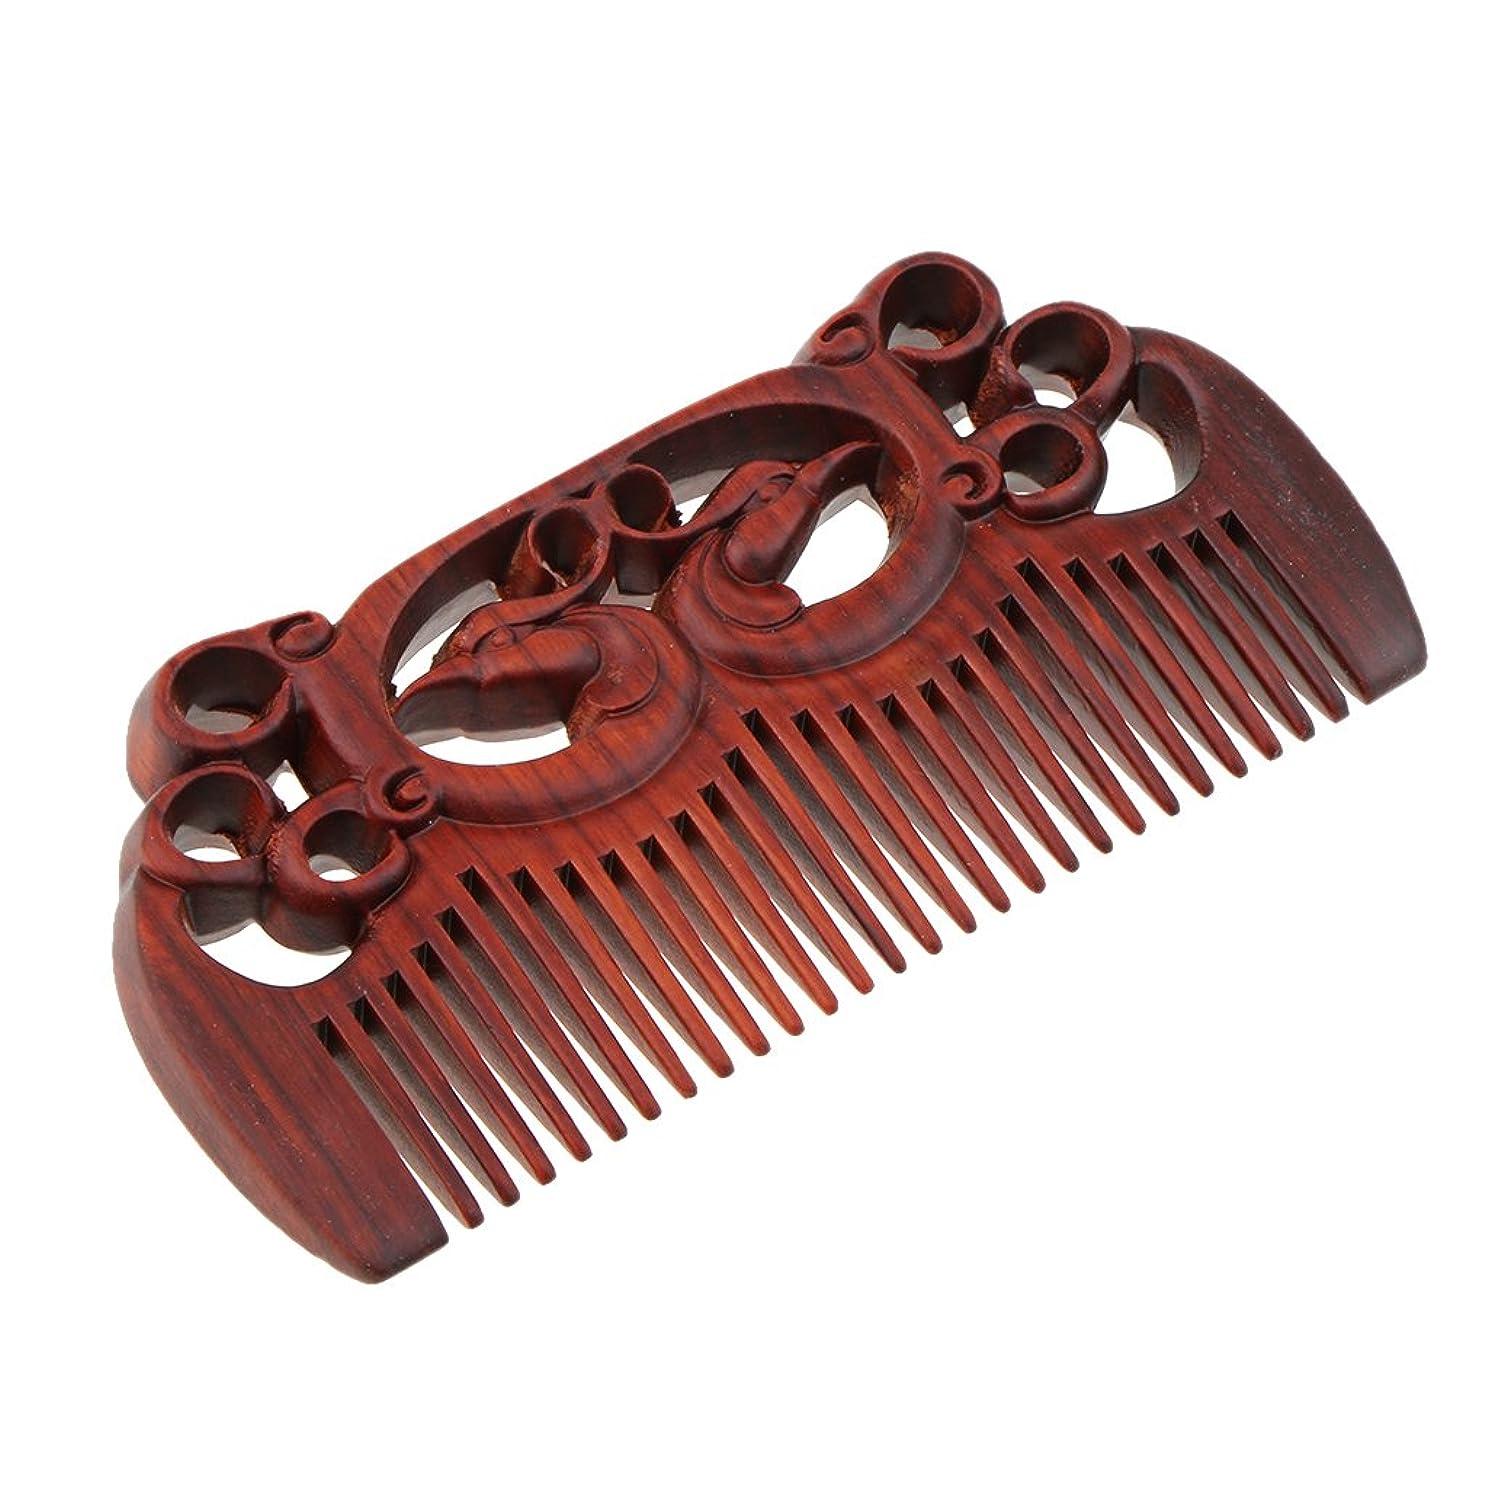 支援する挨拶するプレゼンターSM SunniMix 木製コーム ウッドコーム ワイド歯 ヘアブラシ 頭皮マッサージ ヘアスタイリング 全2種類 - #1